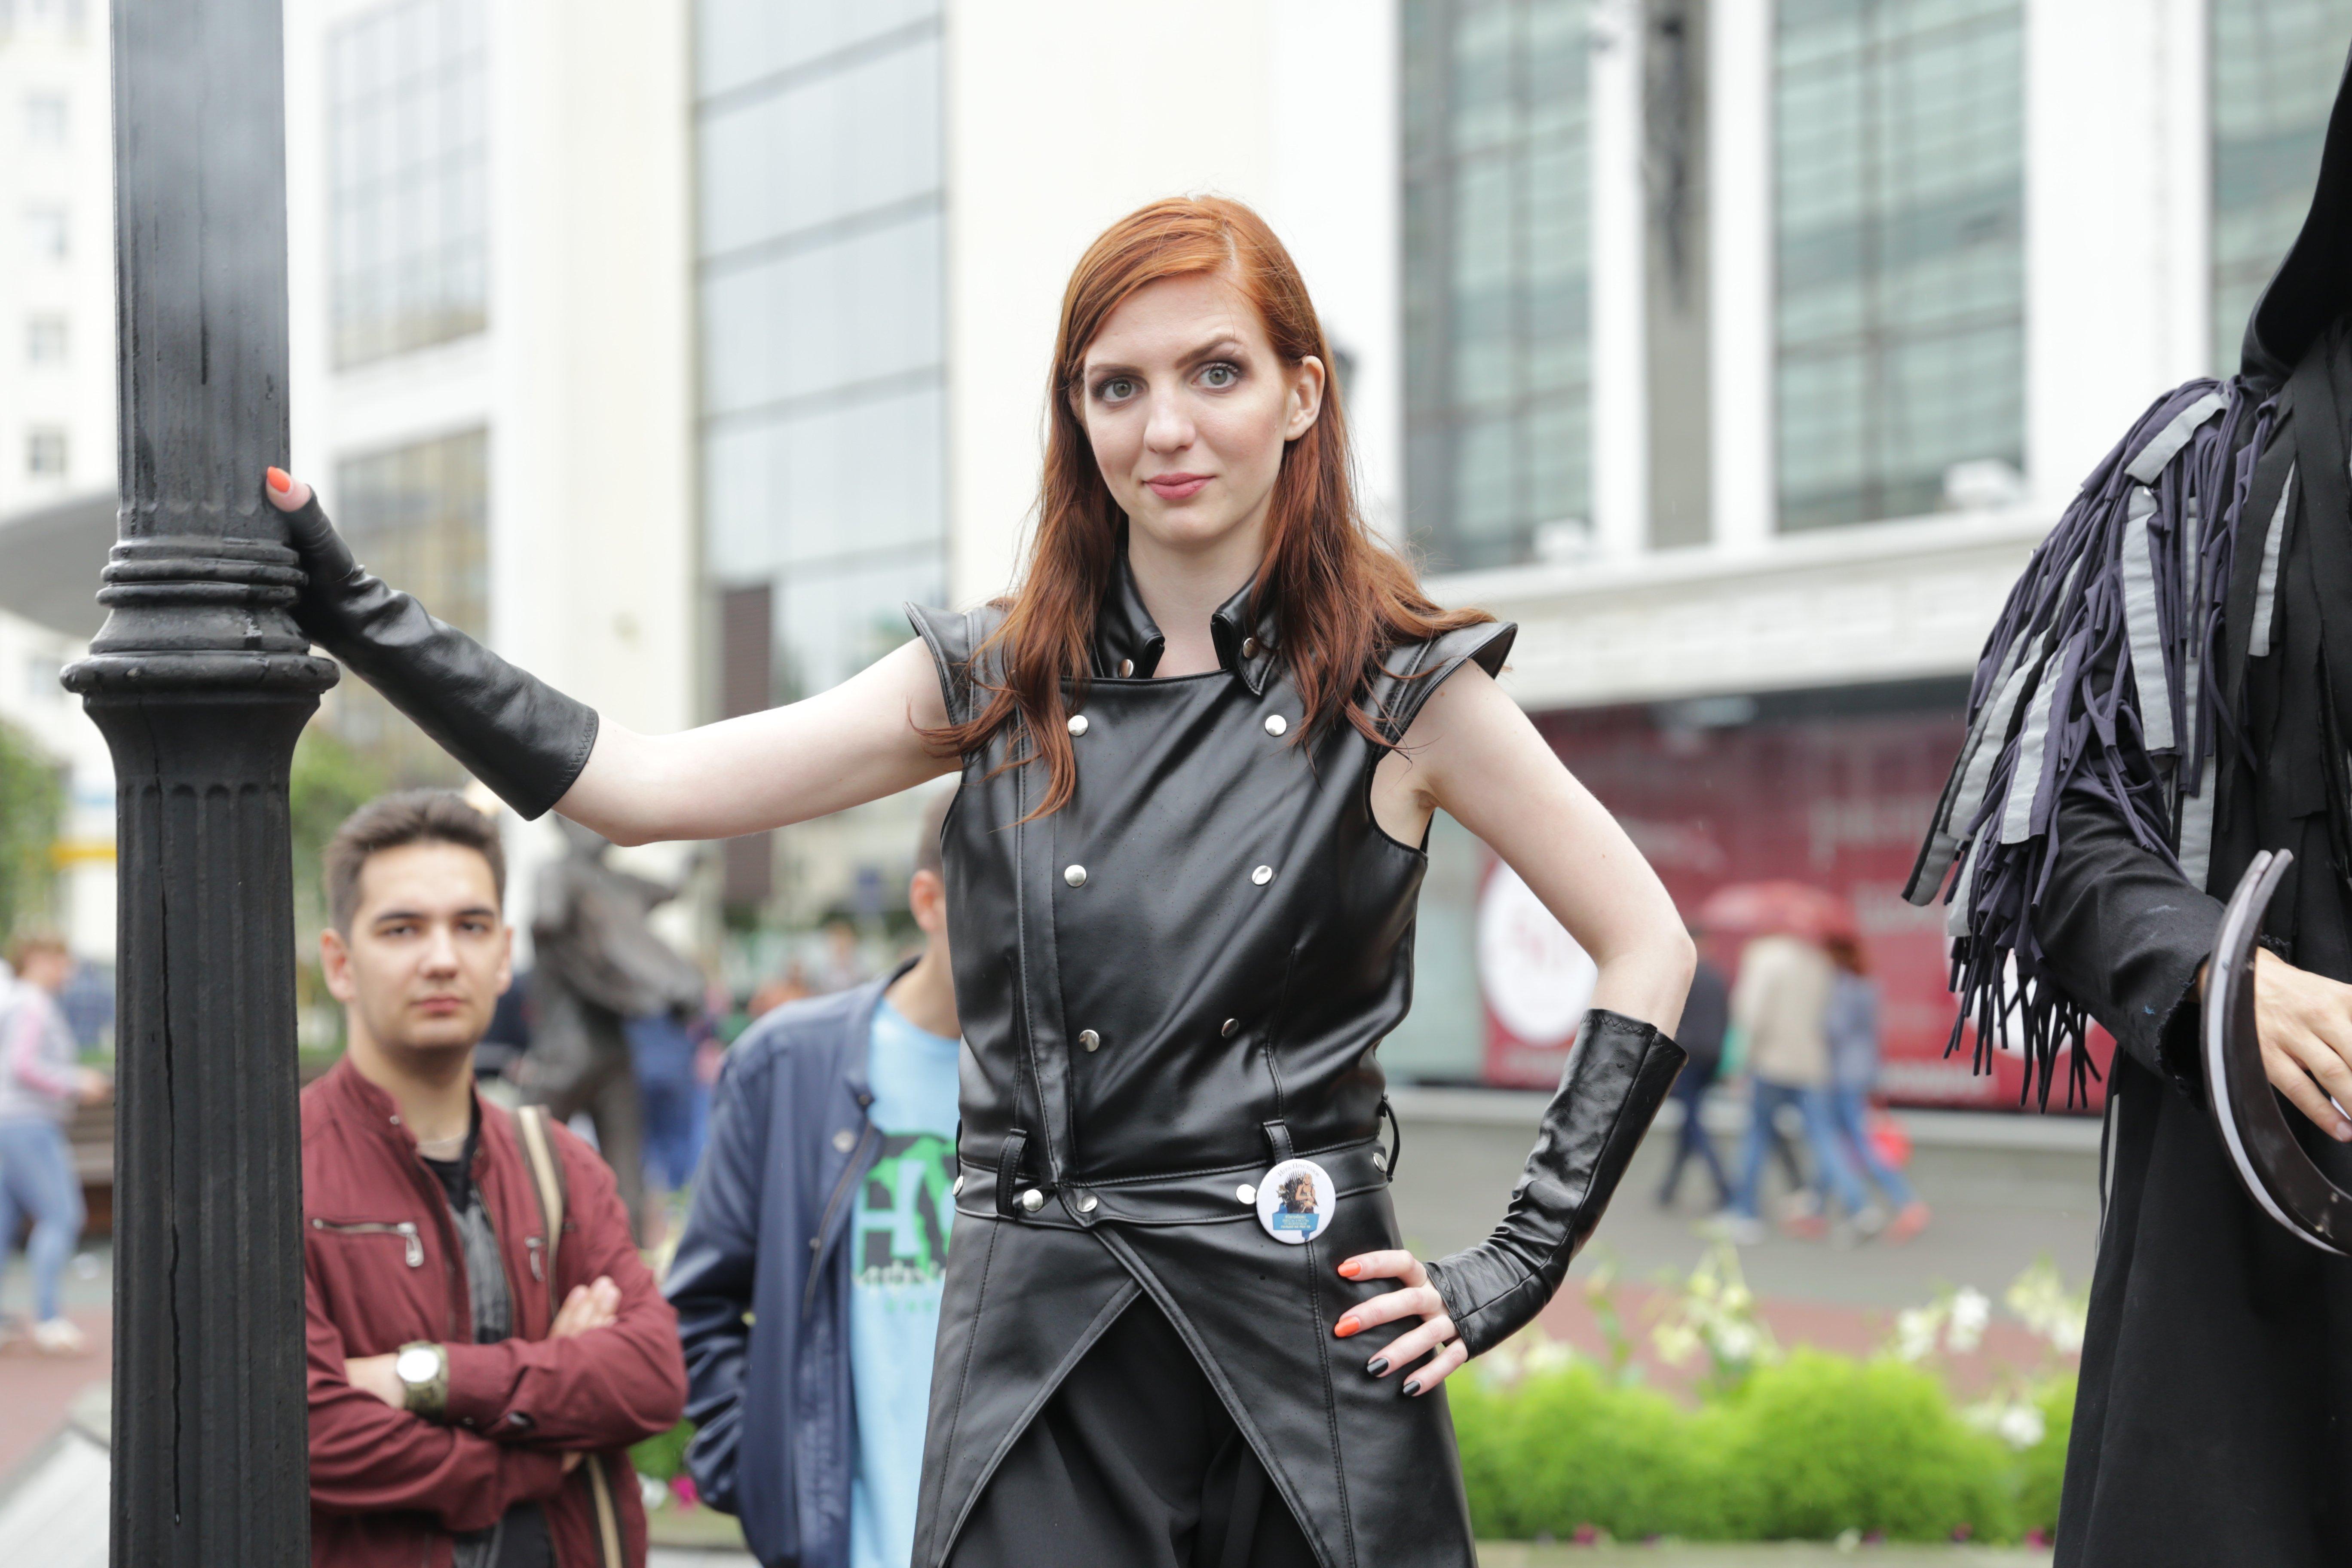 Фото с фестиваля игры престолов